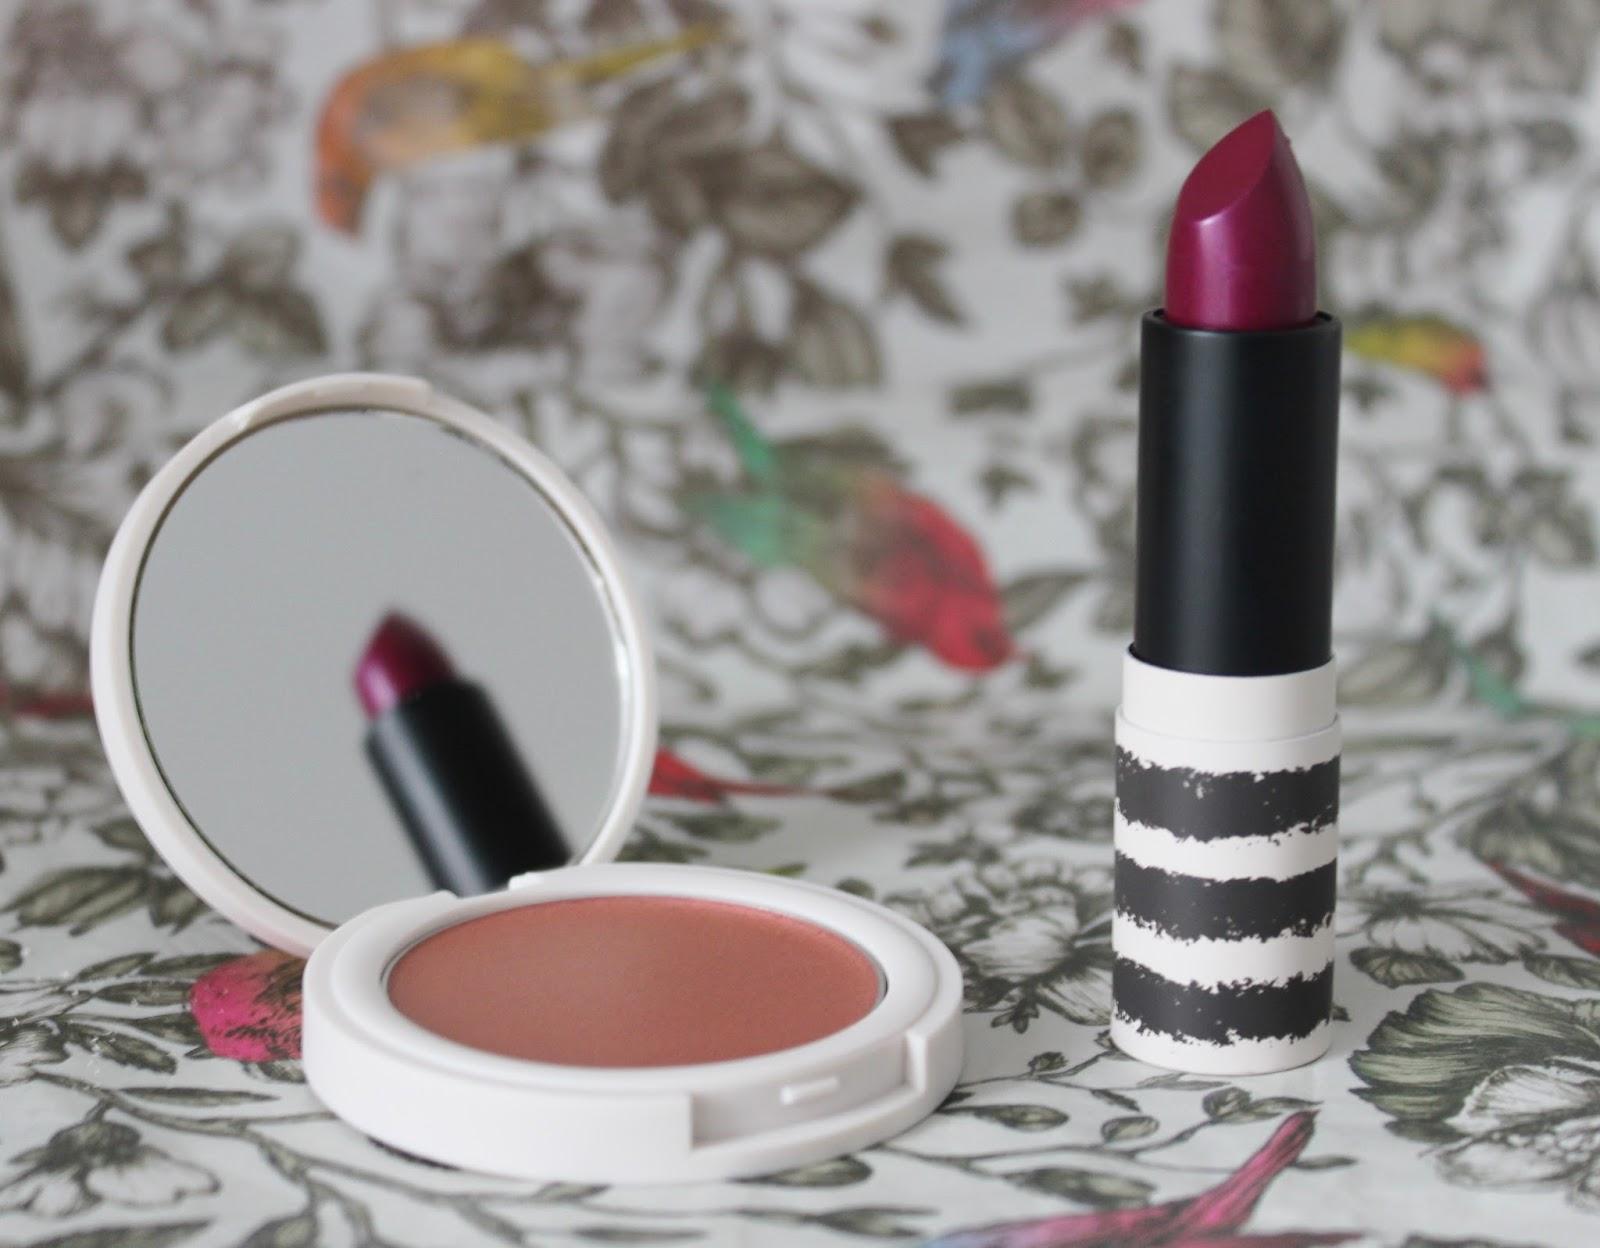 Topshop metallic makeup - Drive lipstick and pulse blusher